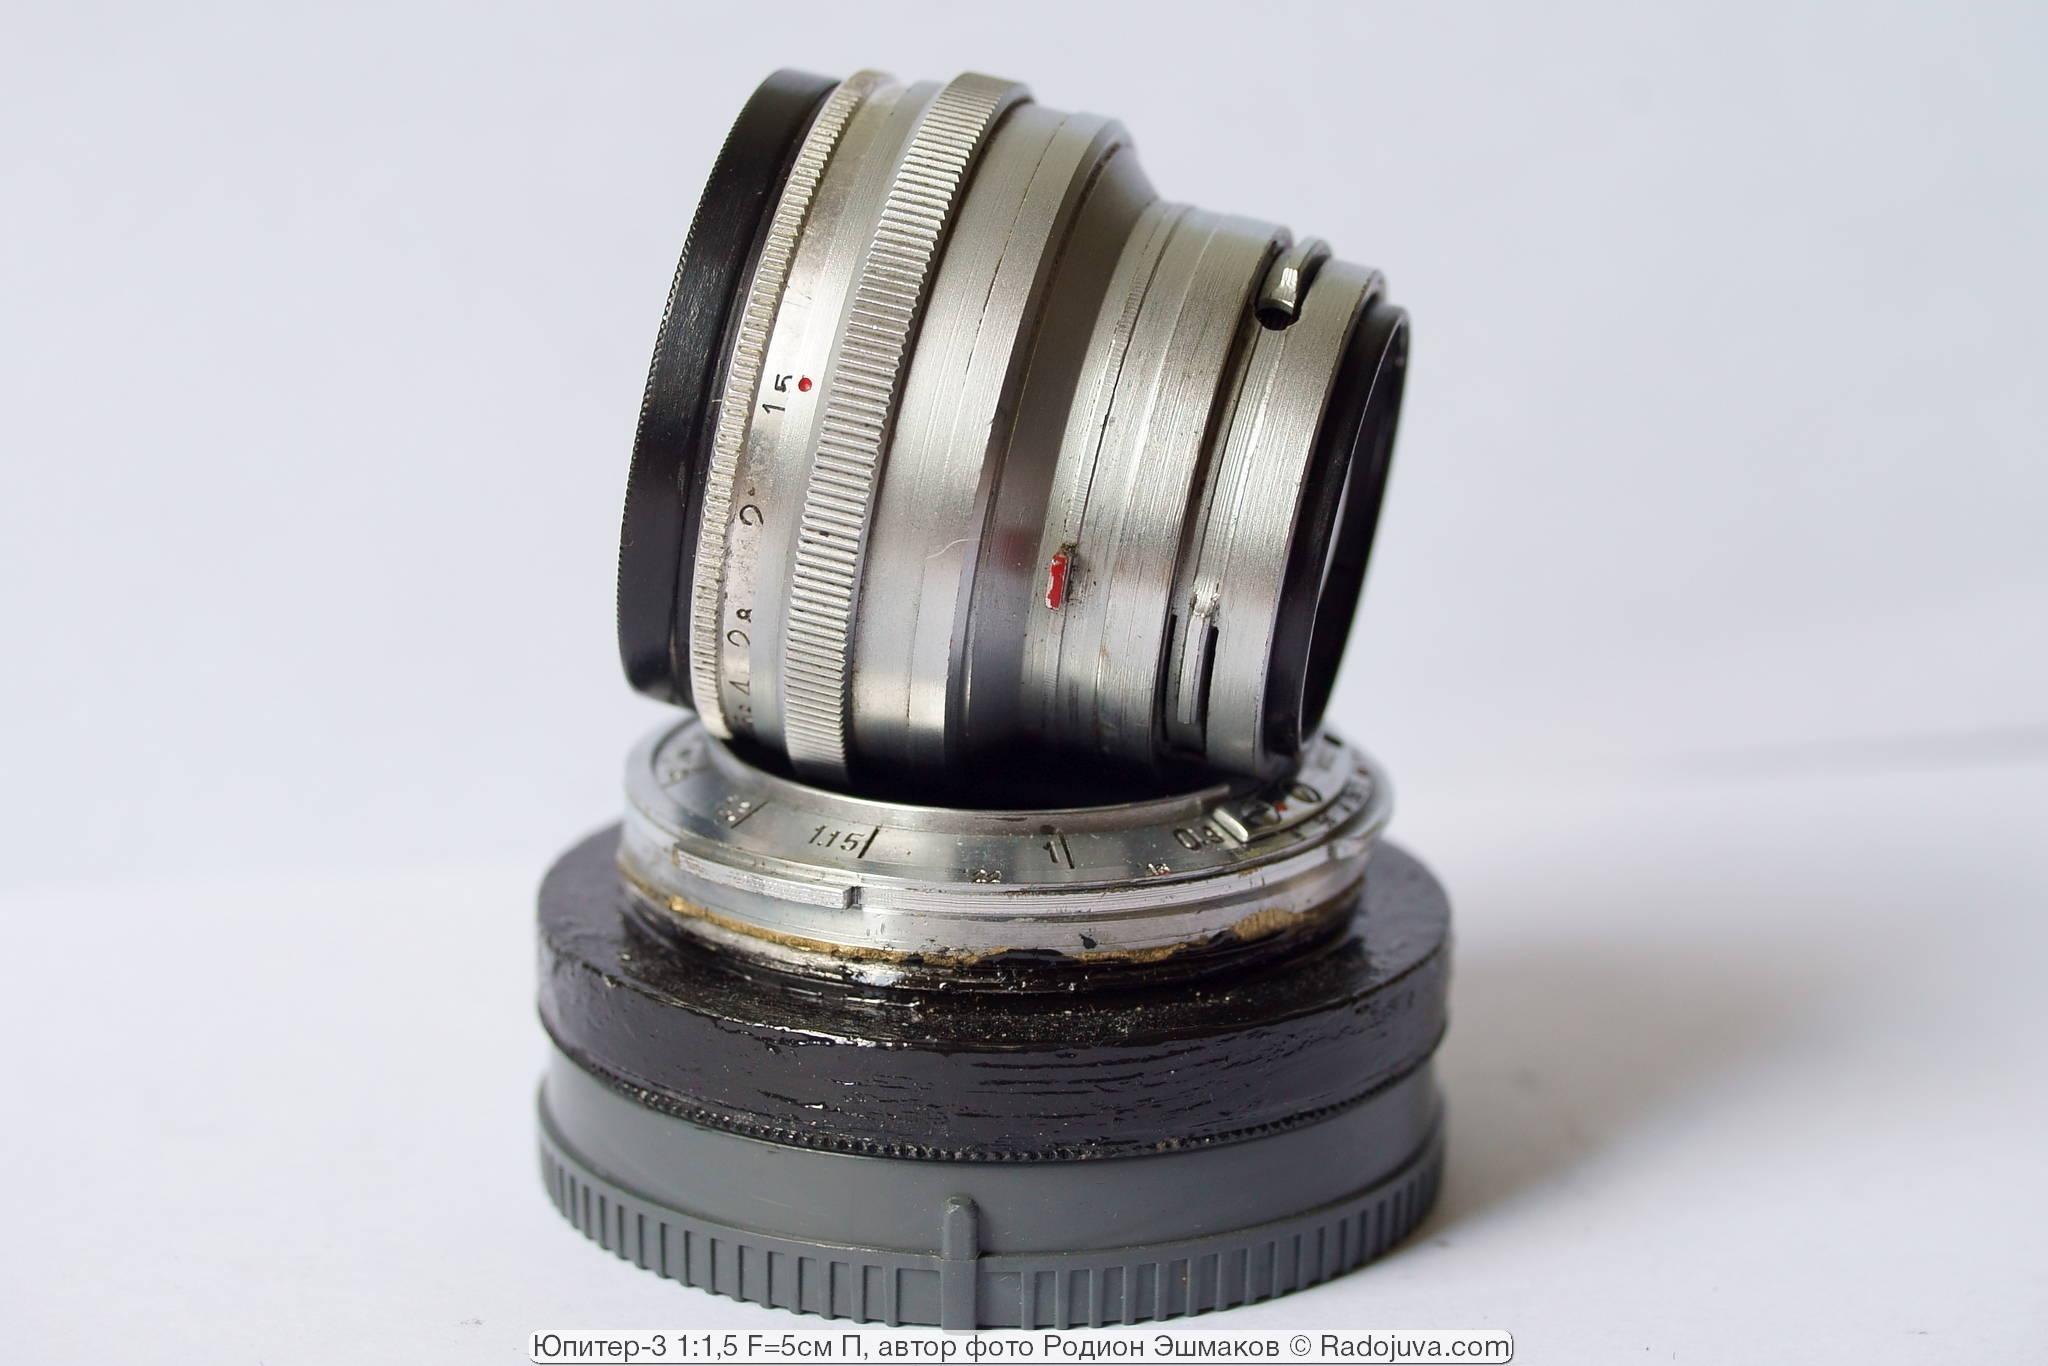 Юпитер-3 для камеры Киев и самодельный переходник Contax RF — Sony E.